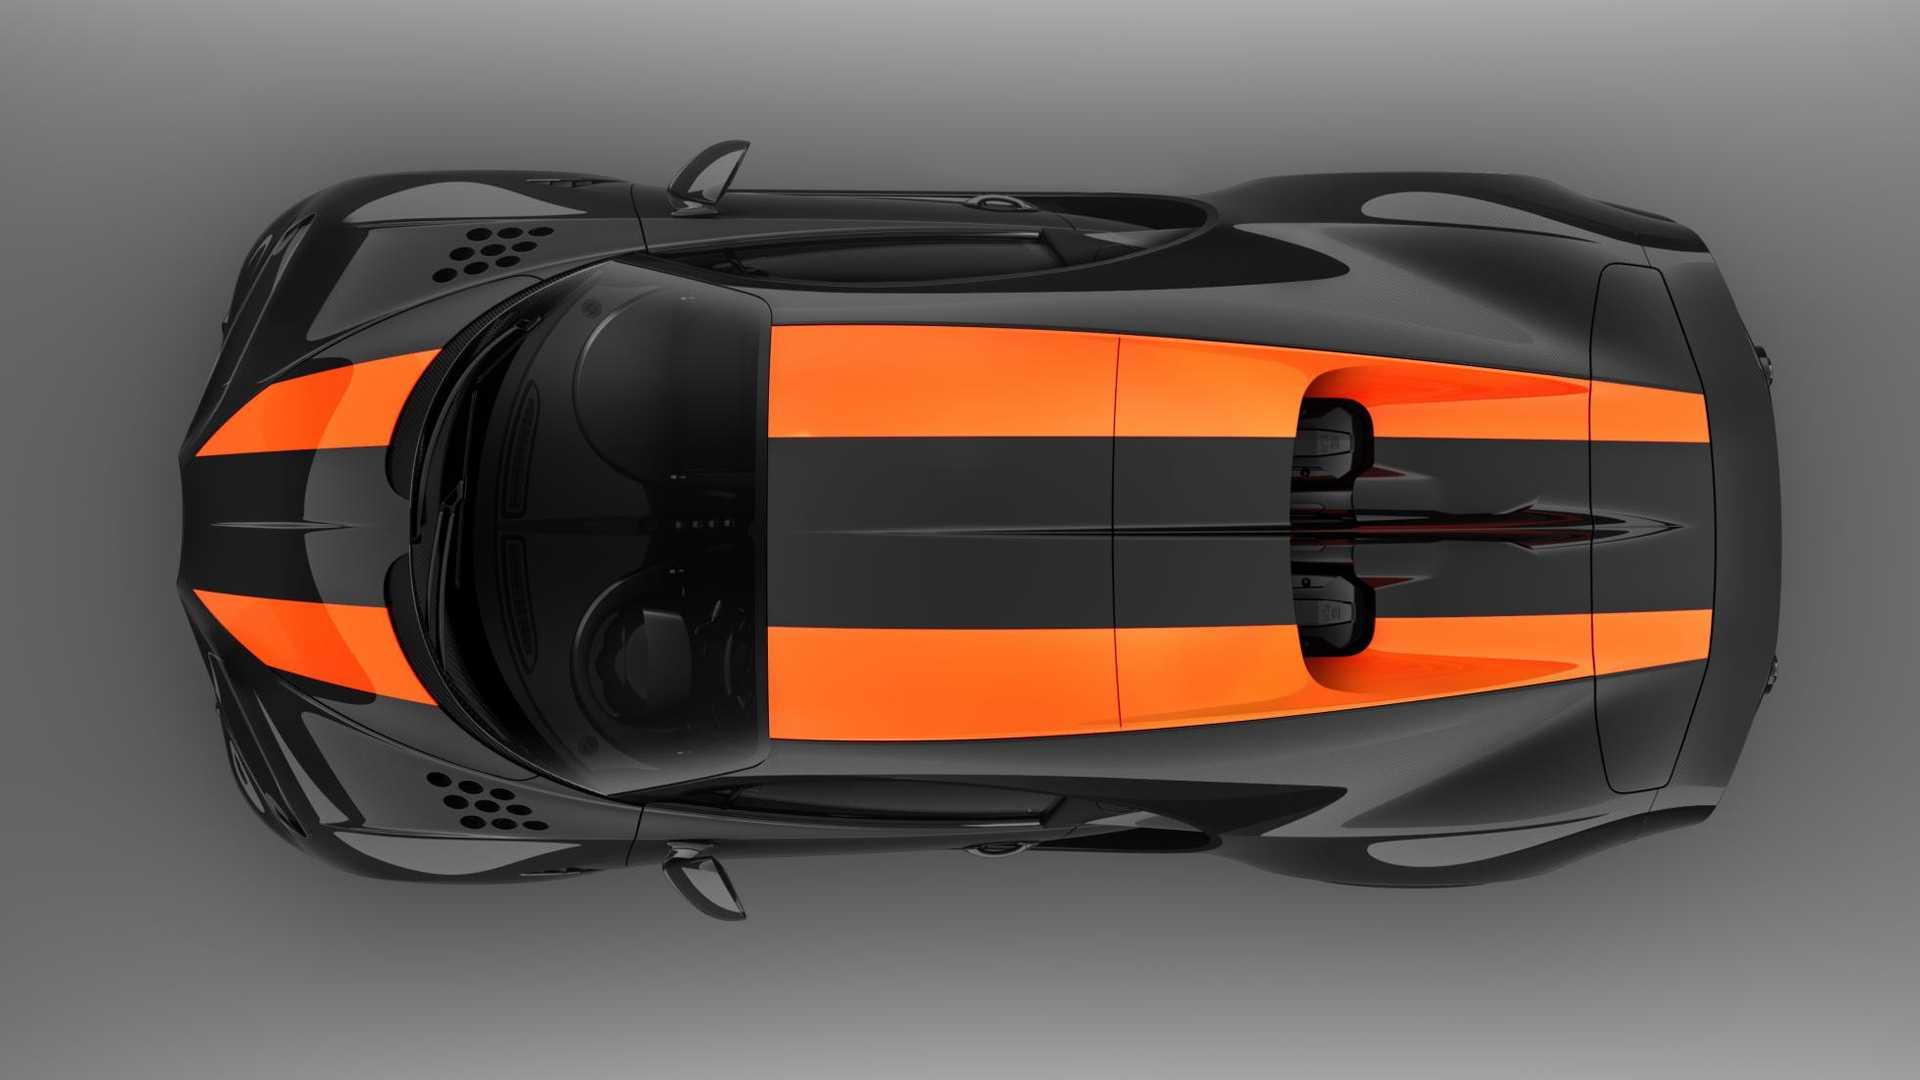 Bugatti выпустили самый быстрый авто в мире за 3,5 миллиона евро